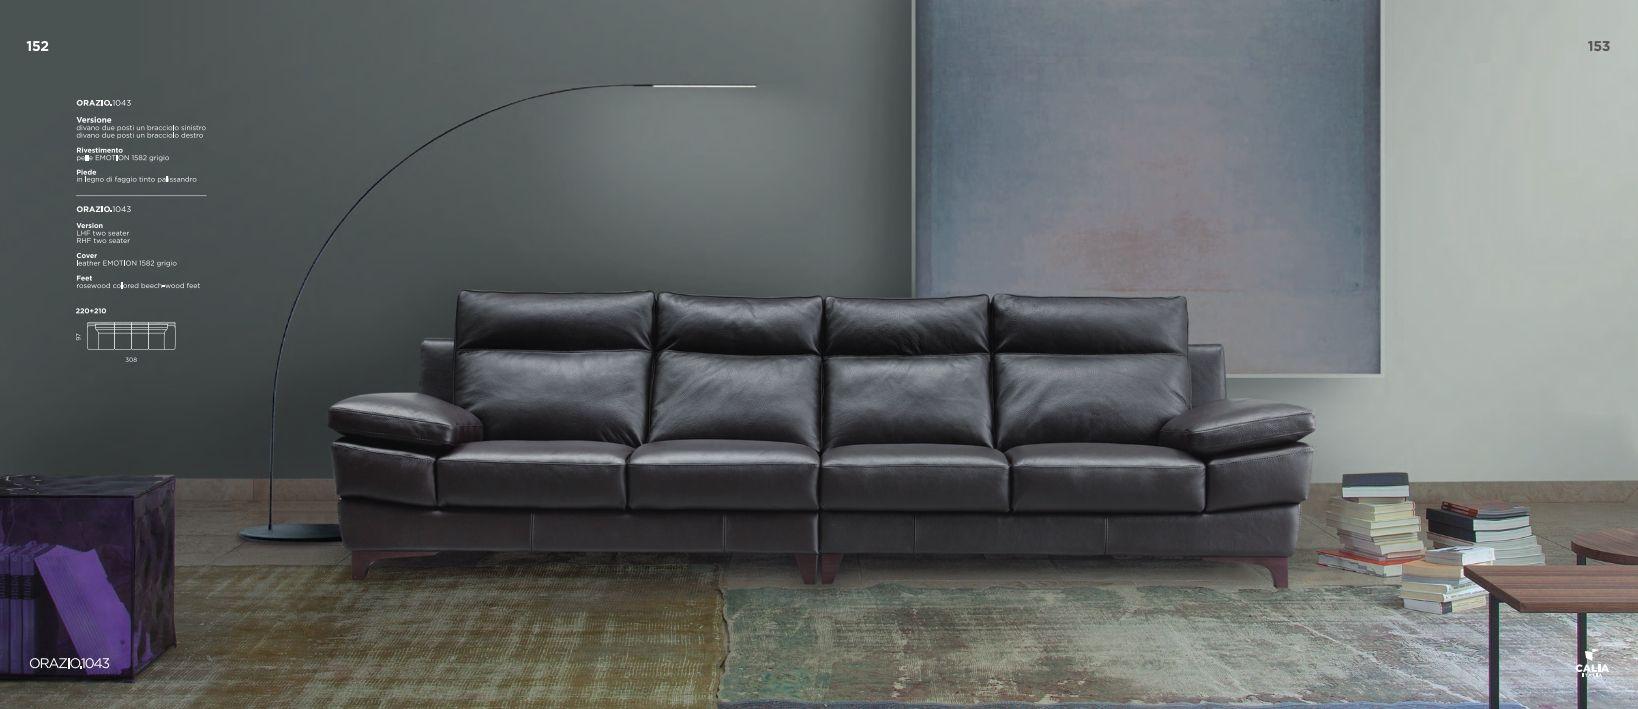 italienische sofas sofa calia italia serie orazio 1043die m bel aus italien. Black Bedroom Furniture Sets. Home Design Ideas